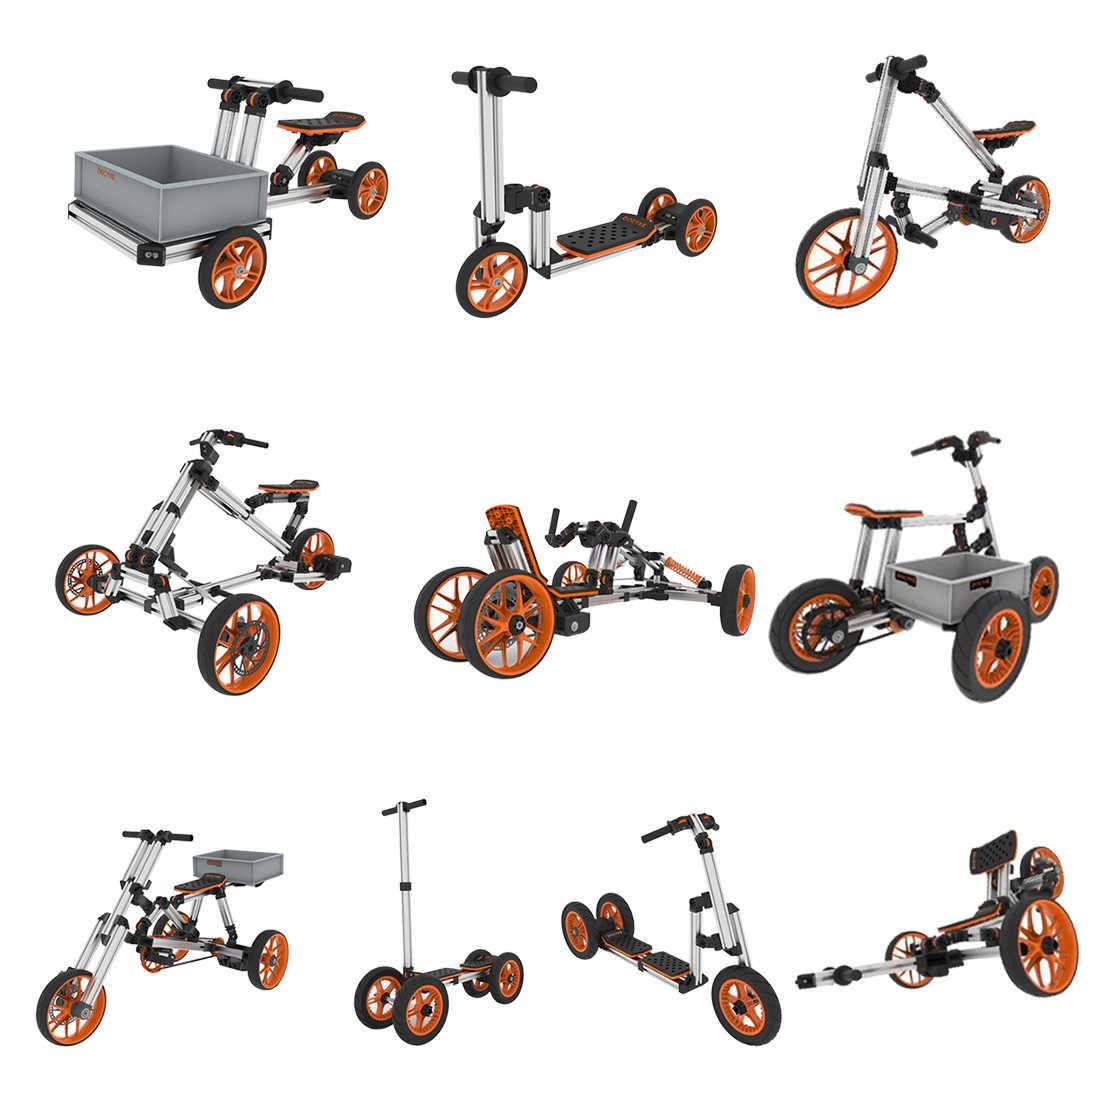 Docyke yaratıcı sürmek 10-In-1 yarış takımı elektrikli go kart Trike bisiklet, çok modlu çerçeve Diy montaj oyuncaklar-abd İngiltere ab tak